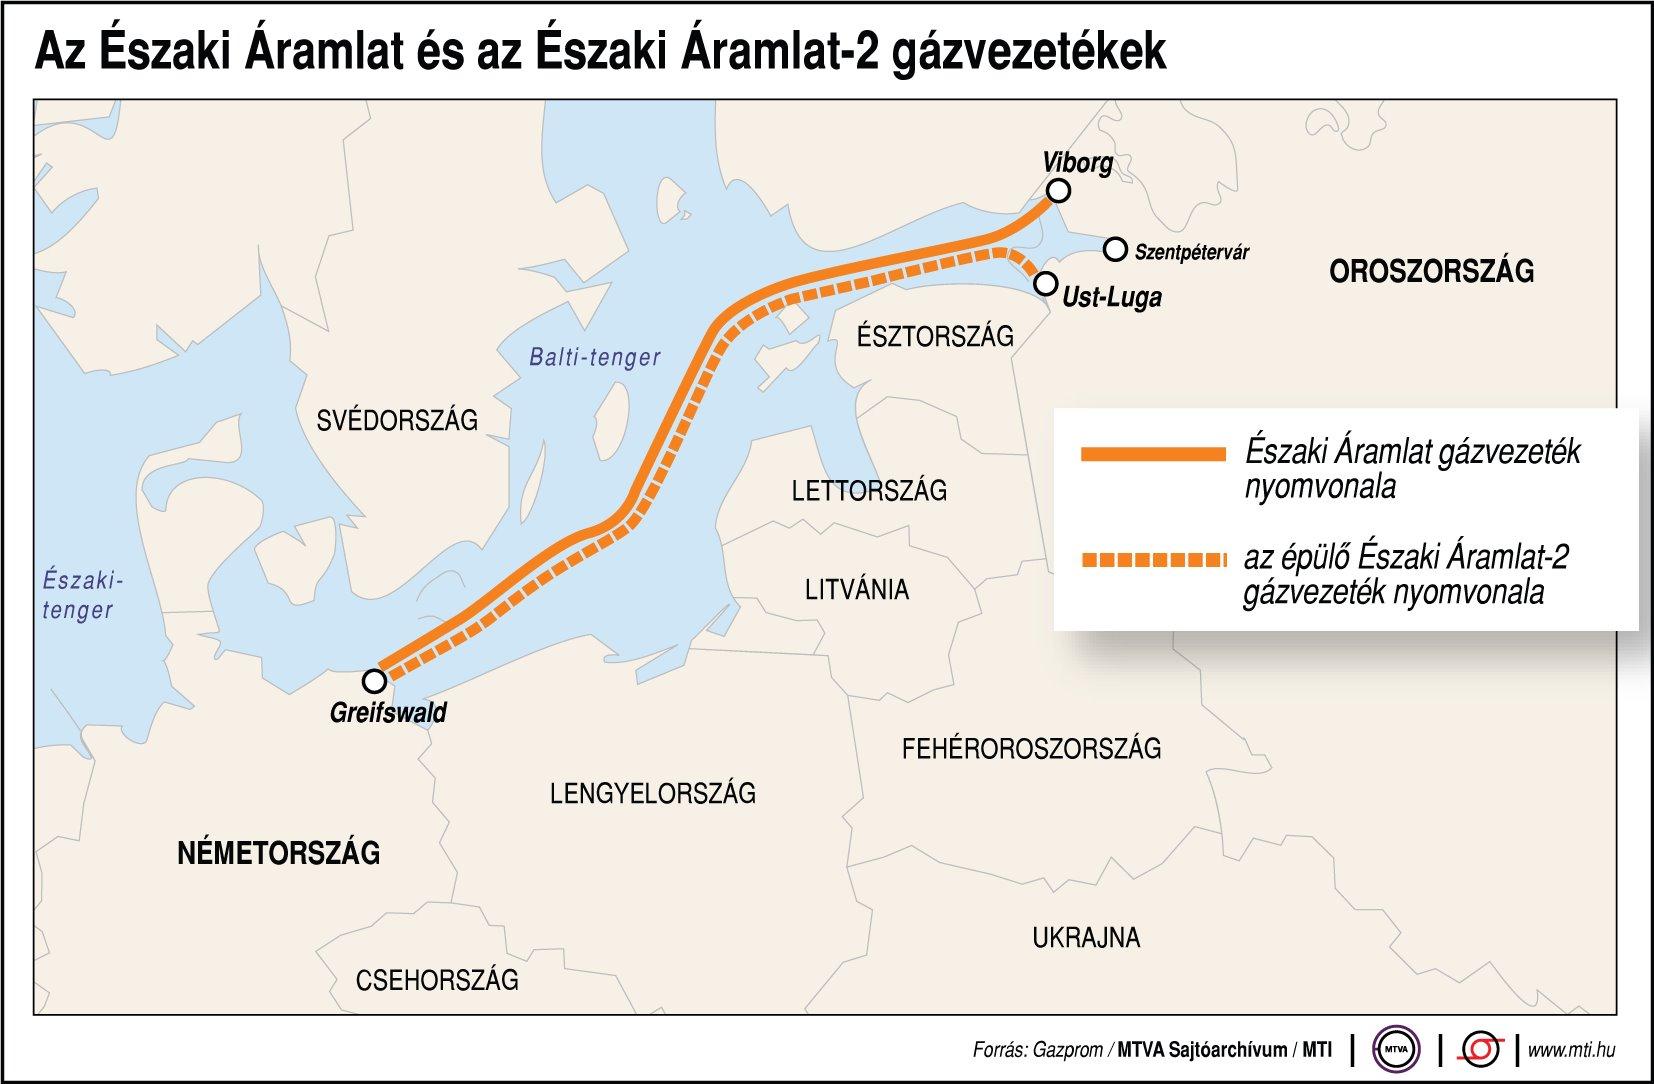 Befejeződött az Oroszországot Németországgal a Balti-tenger alatt összekötő Északi Áramlat 2 gázvezeték építése